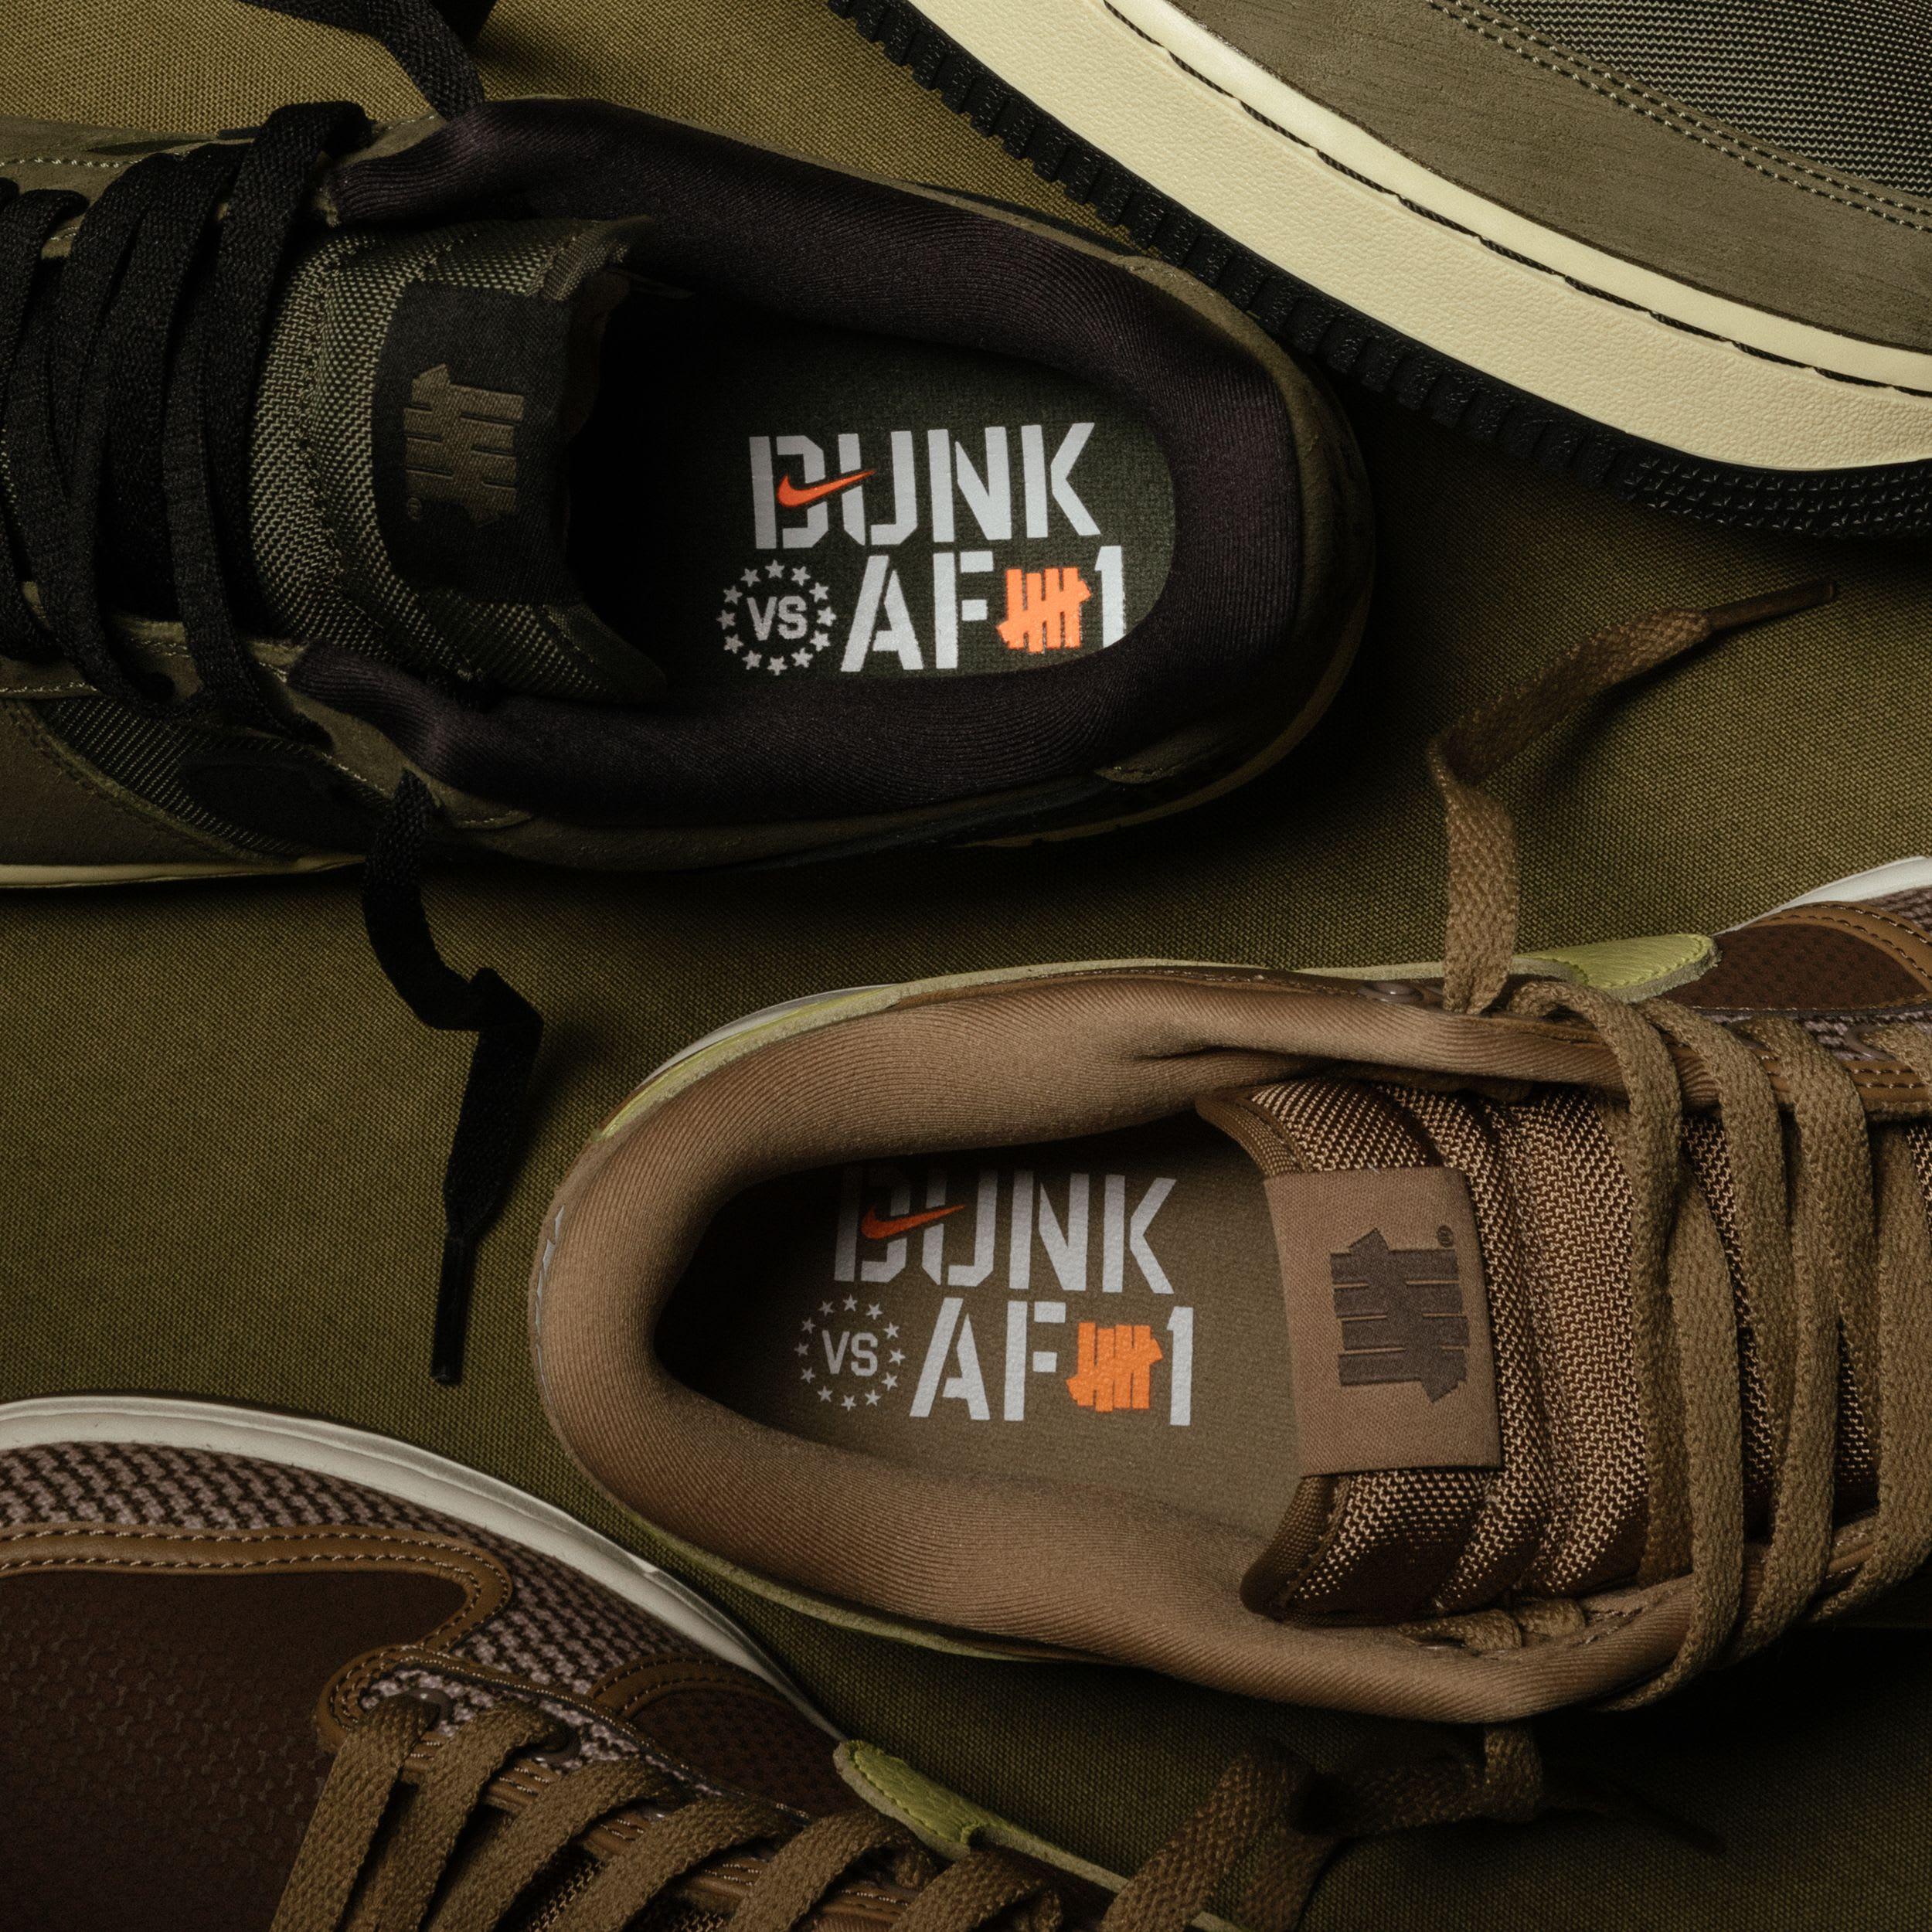 Invaincu x Nike Dunk contre AF1 Lead